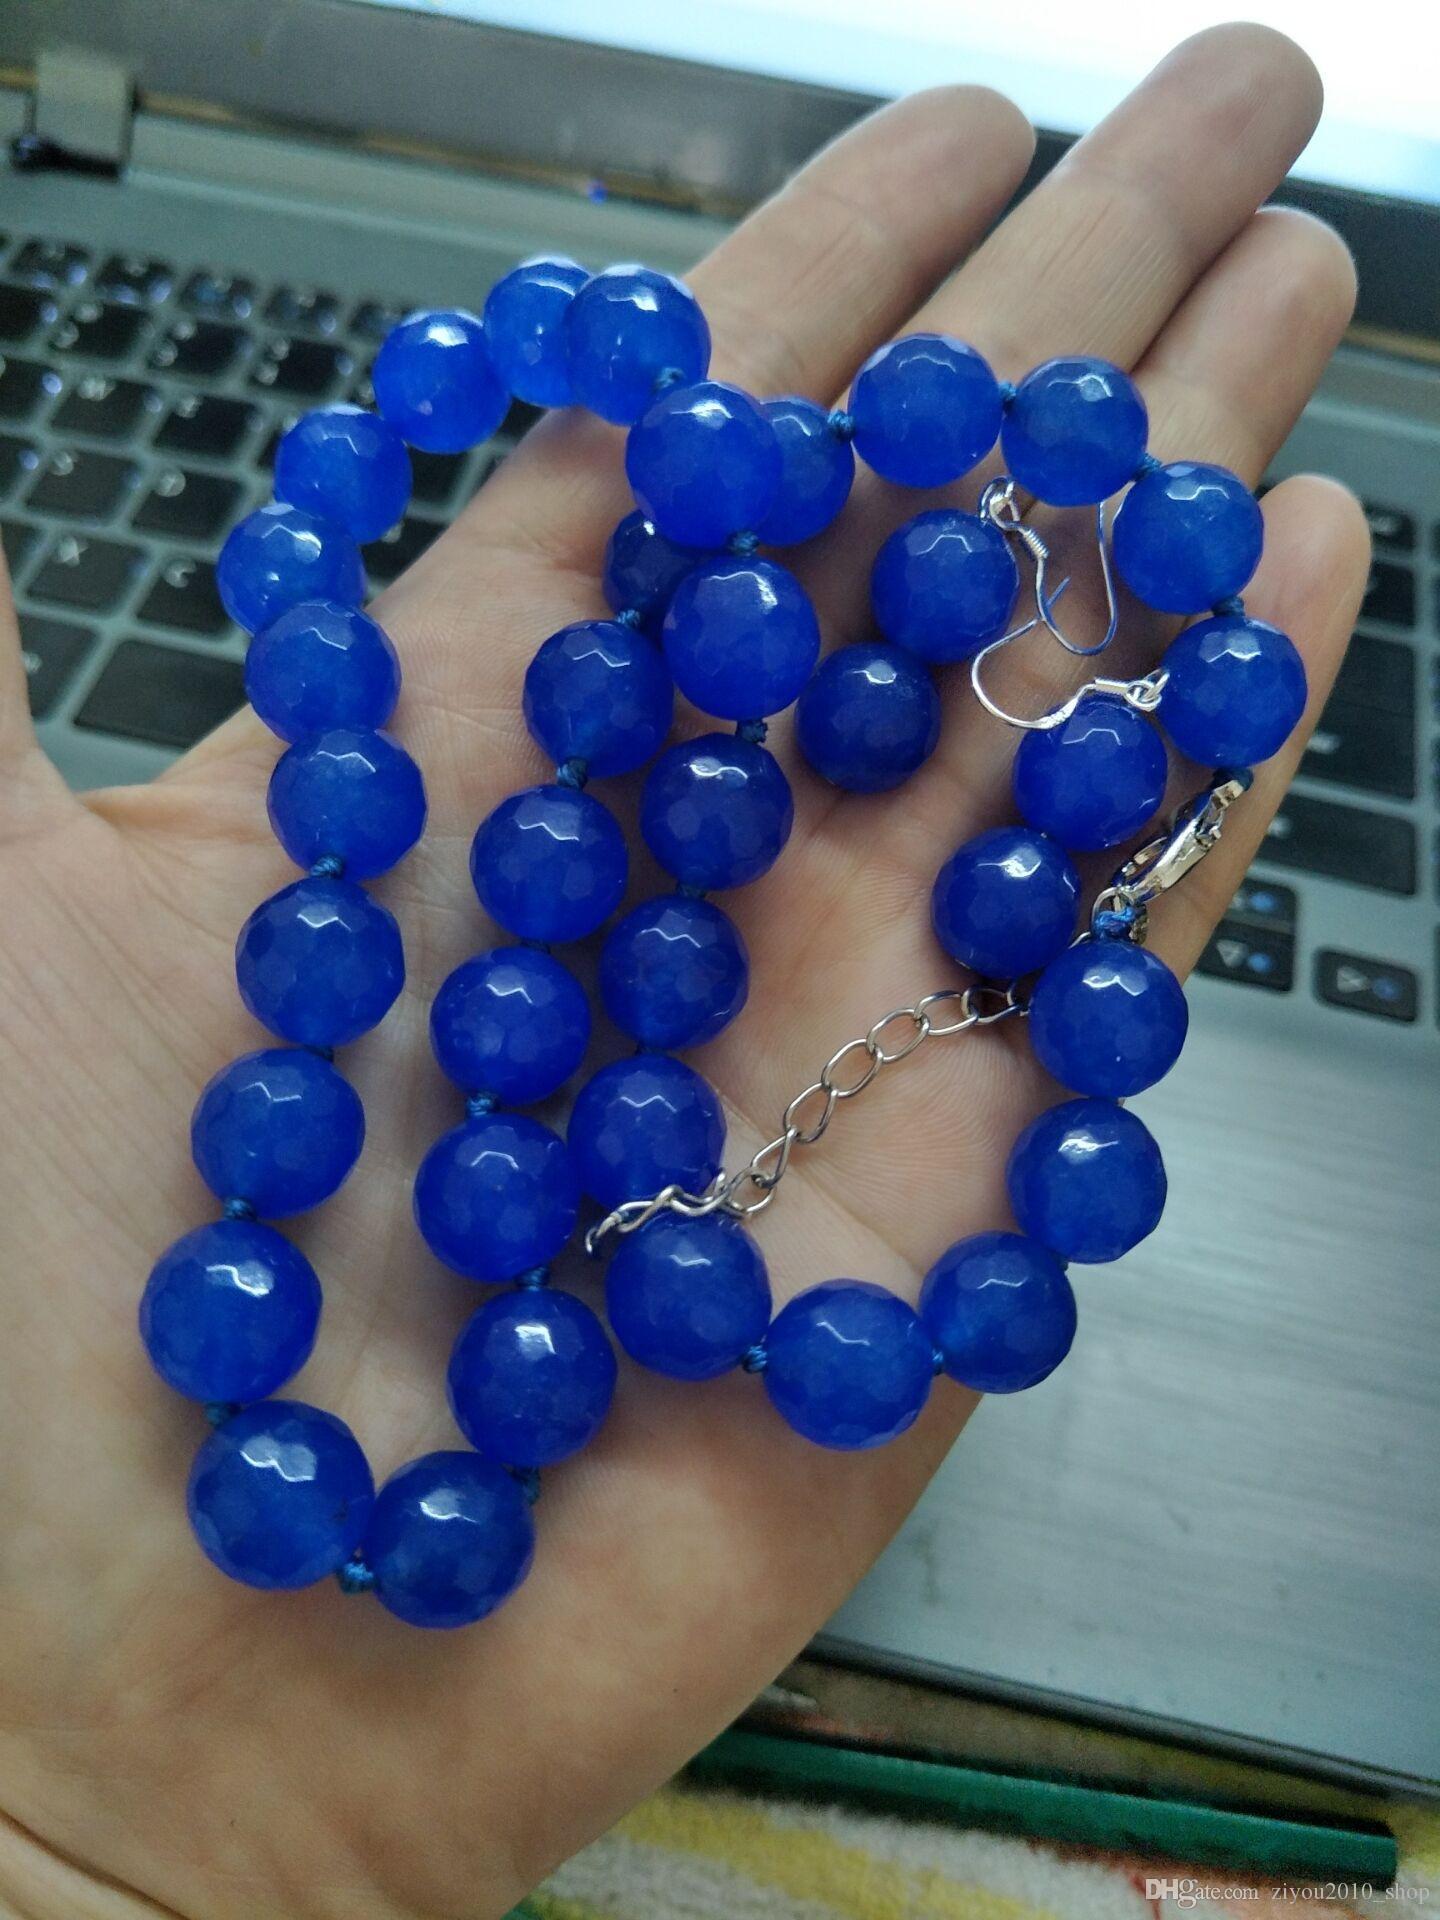 Le donne fatte a mano12mm hanno affrontato i monili di modo dei branelli della collana della perla del giada blu 45cm